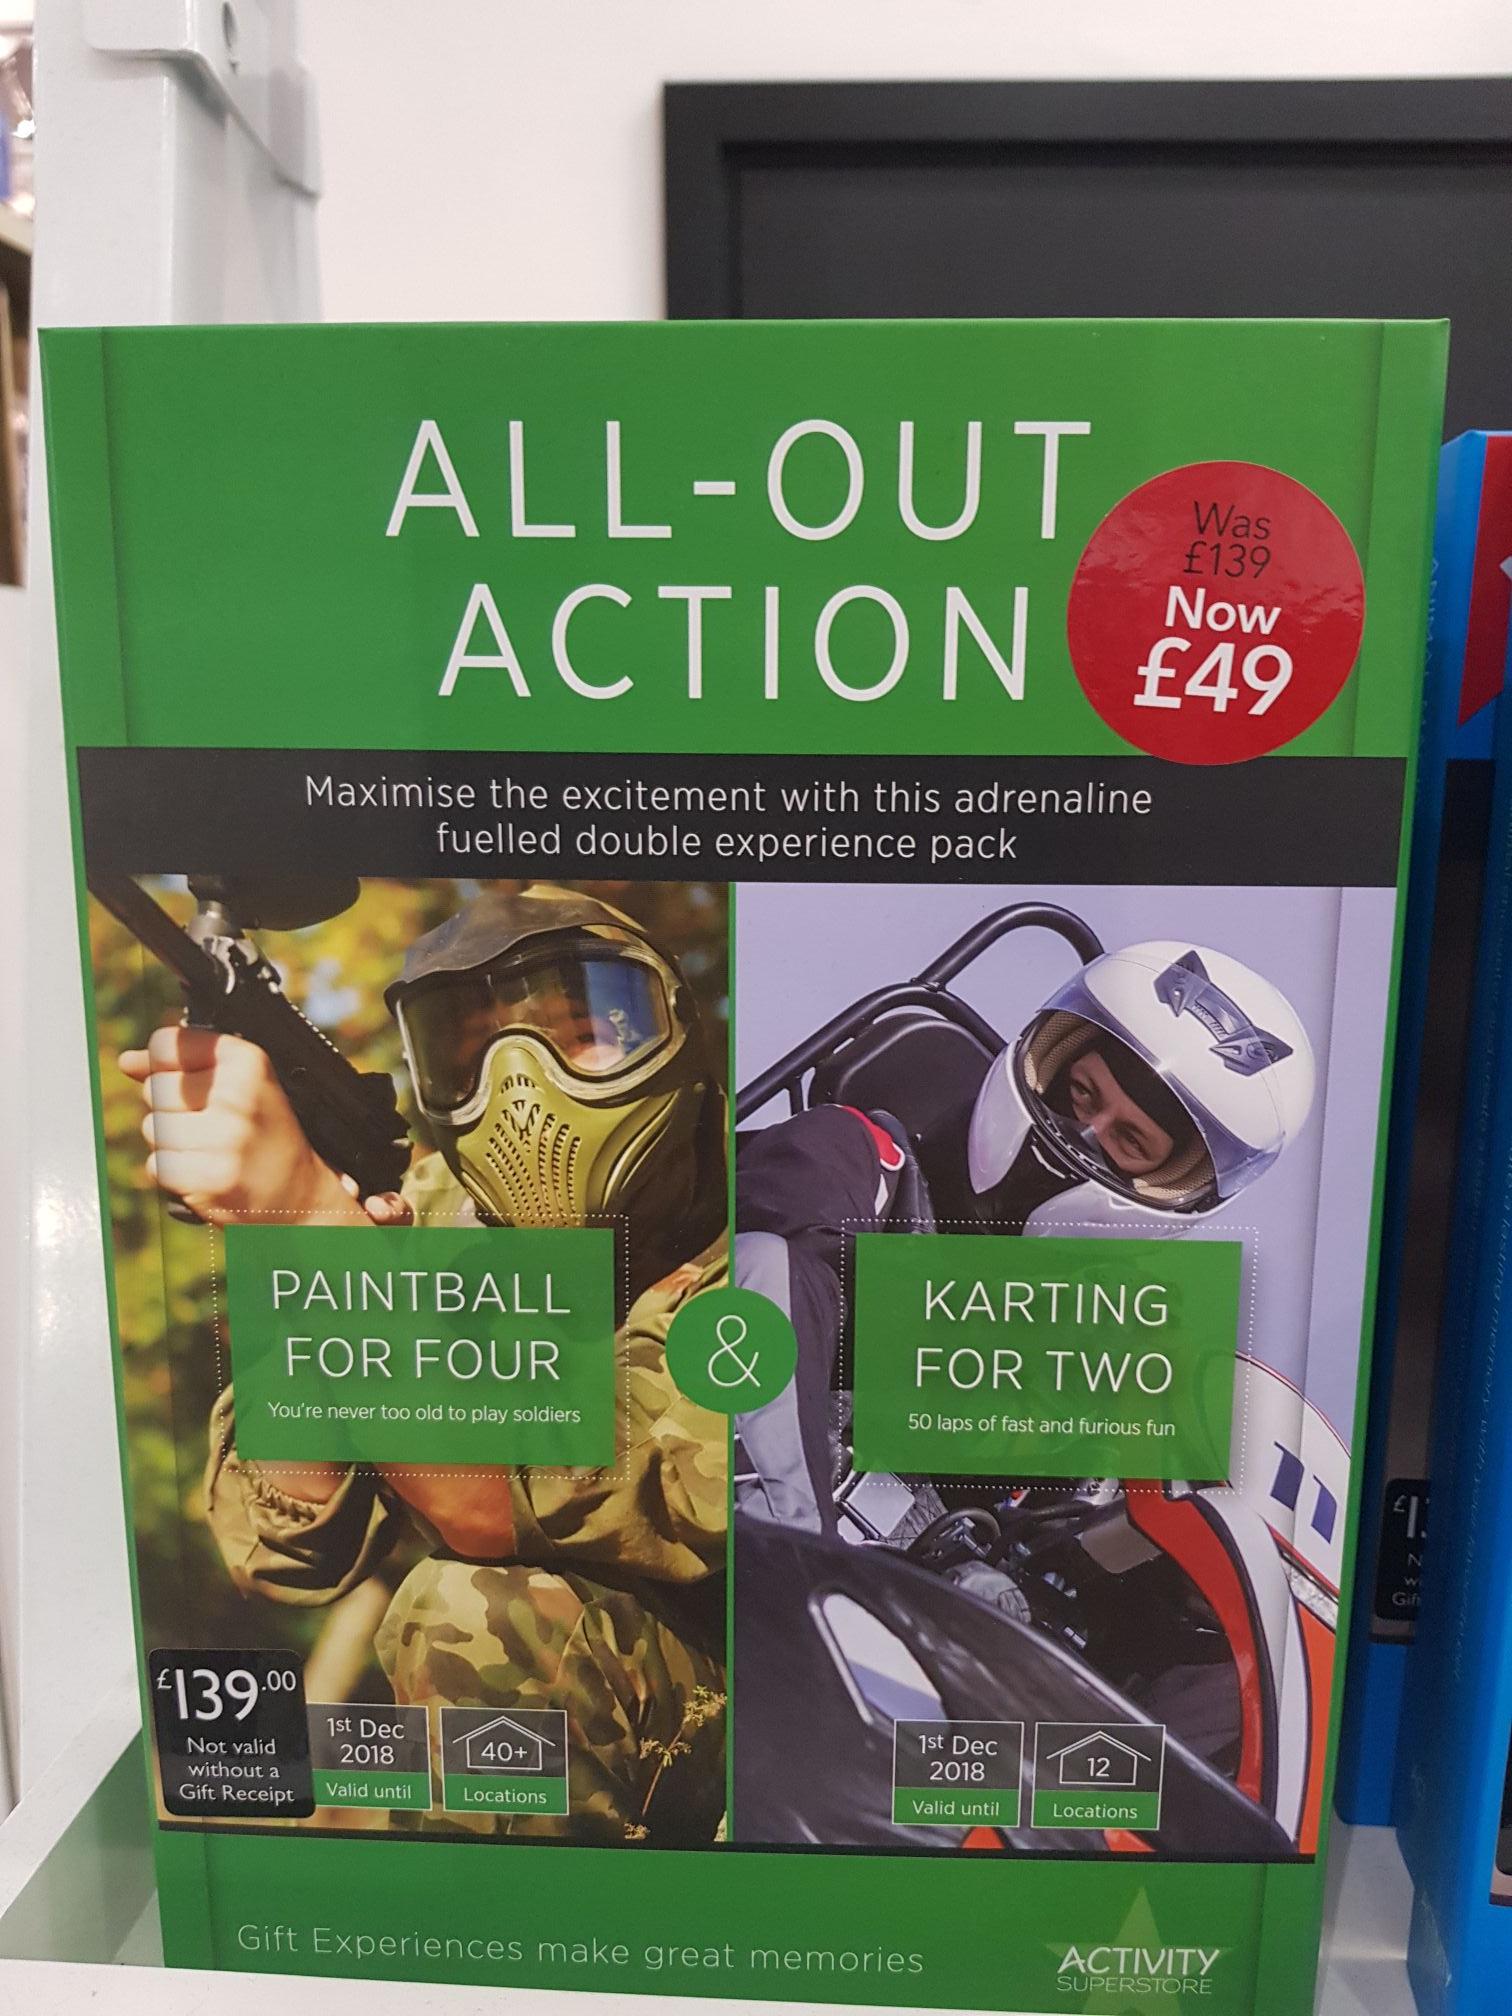 Paintball for 4 & Karting for 2 gift experience £49 instore @ Debenhams